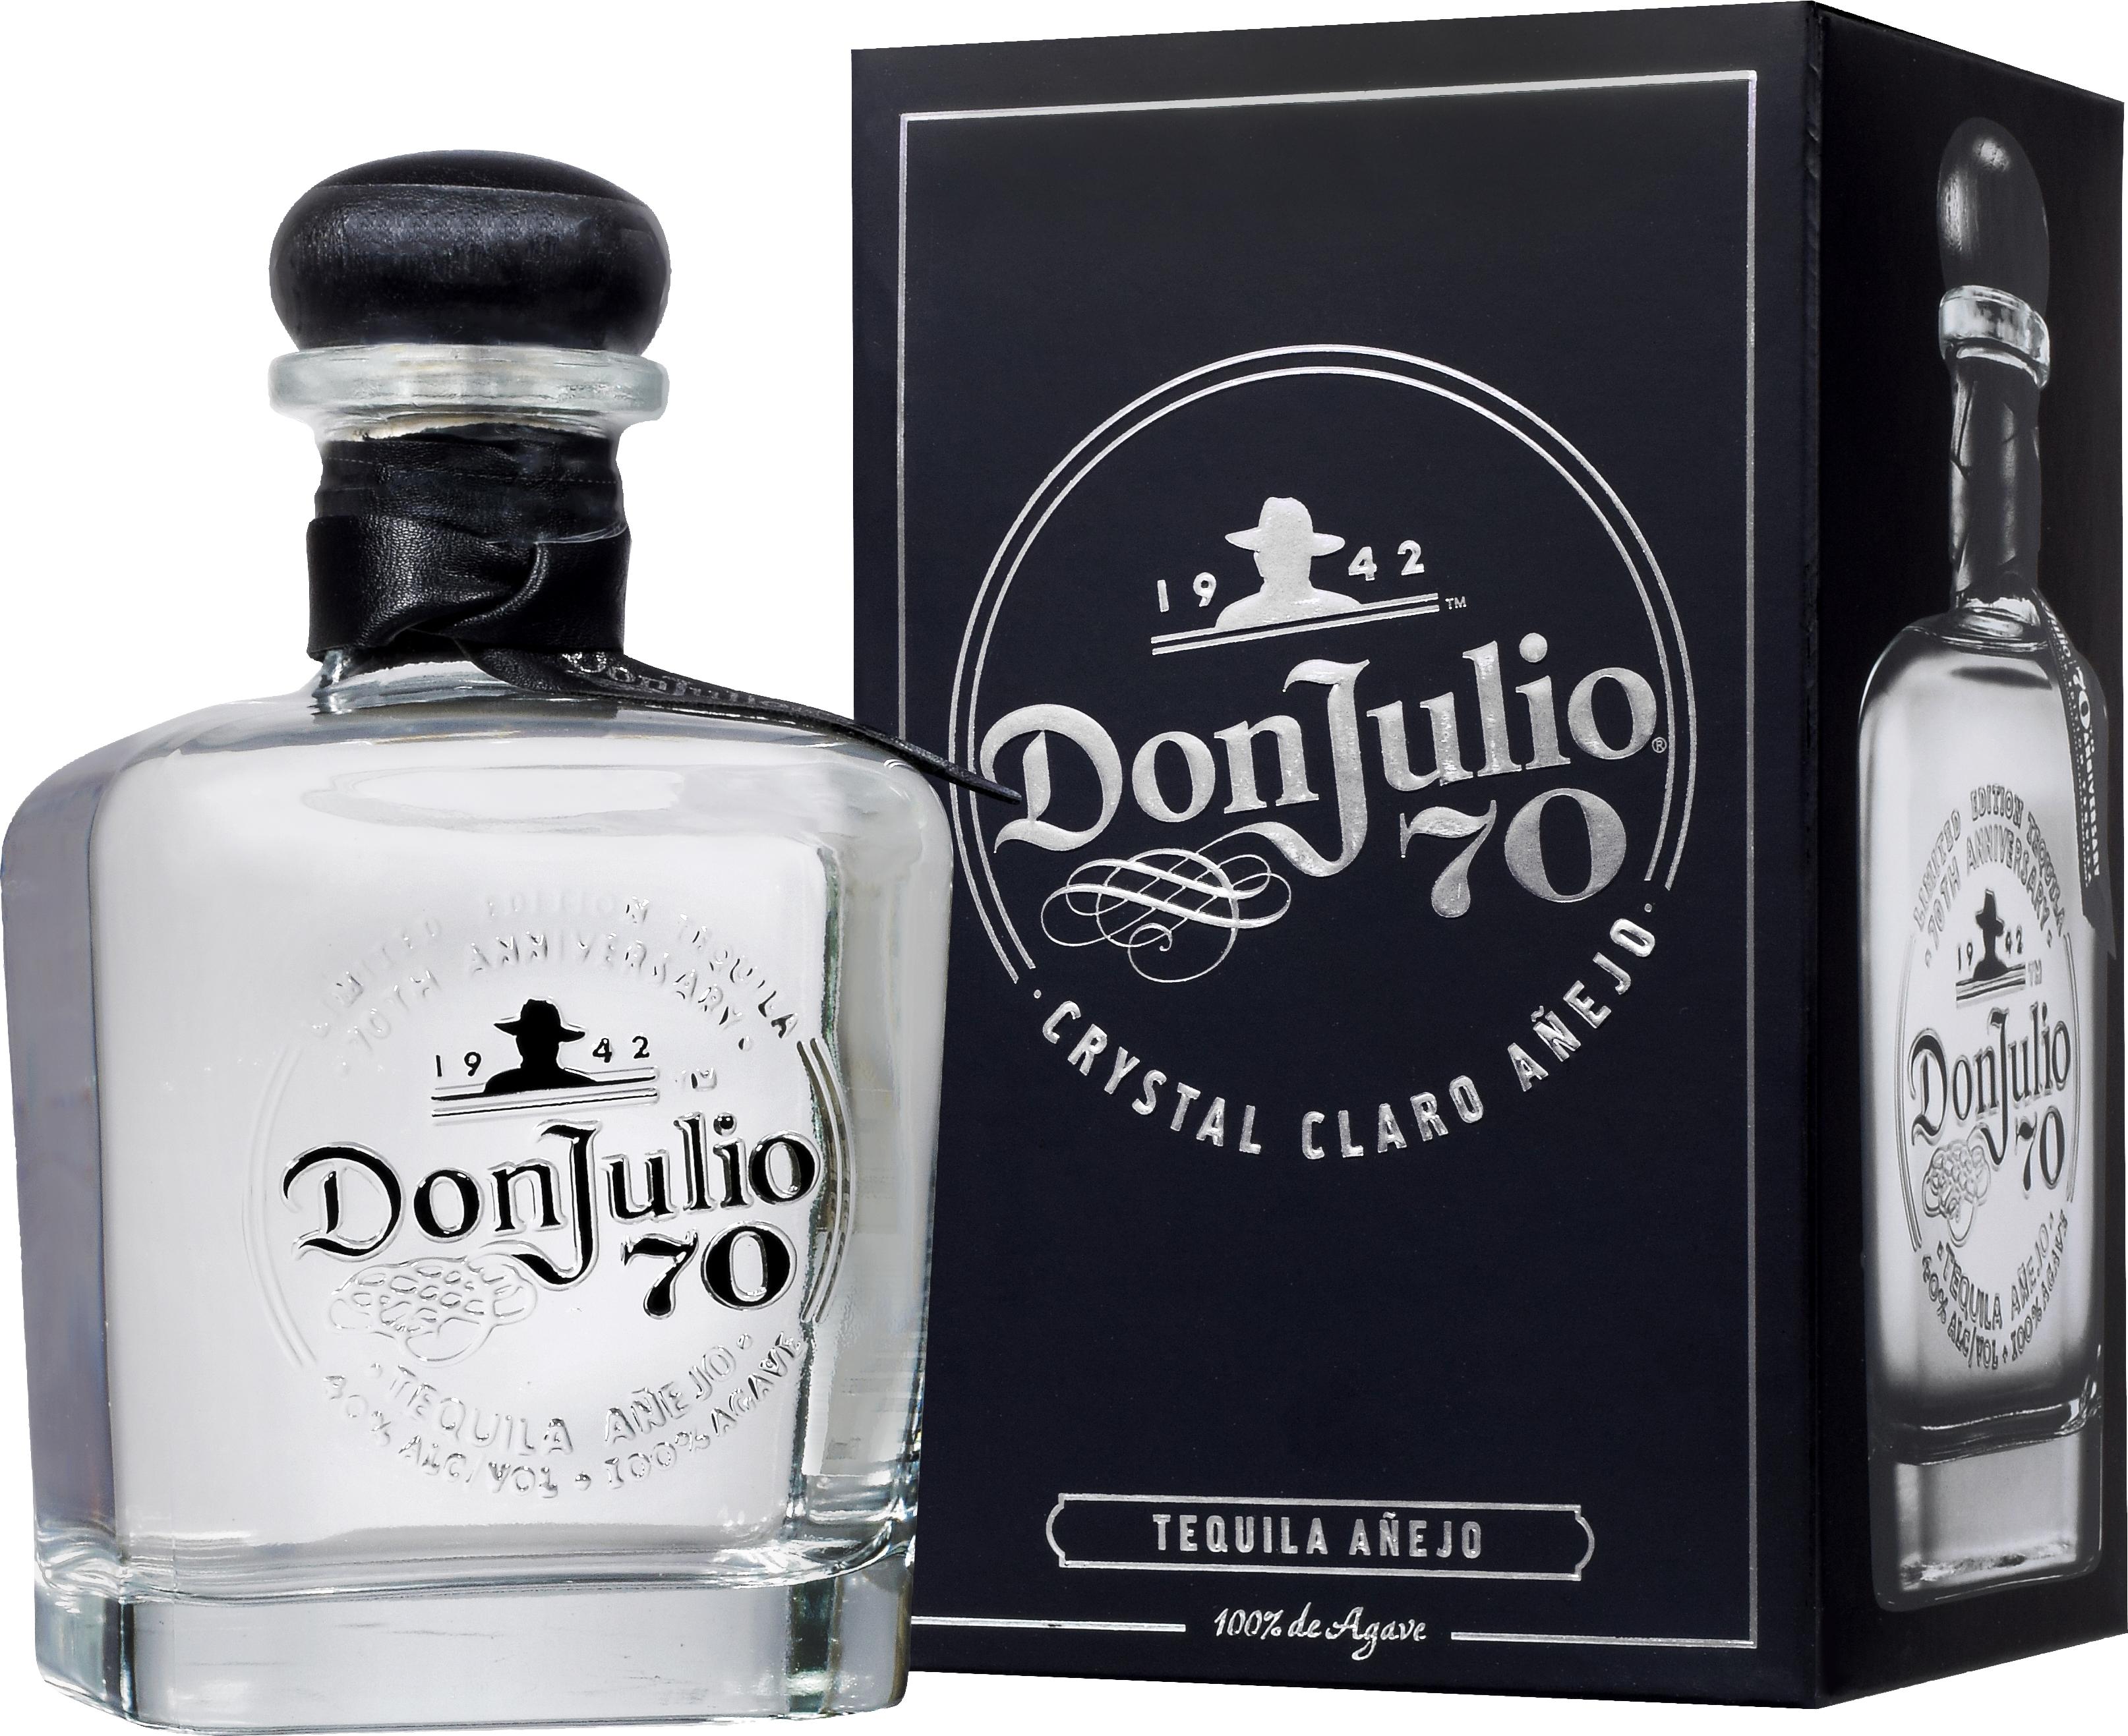 El tequila más revelador llega a nuestro país